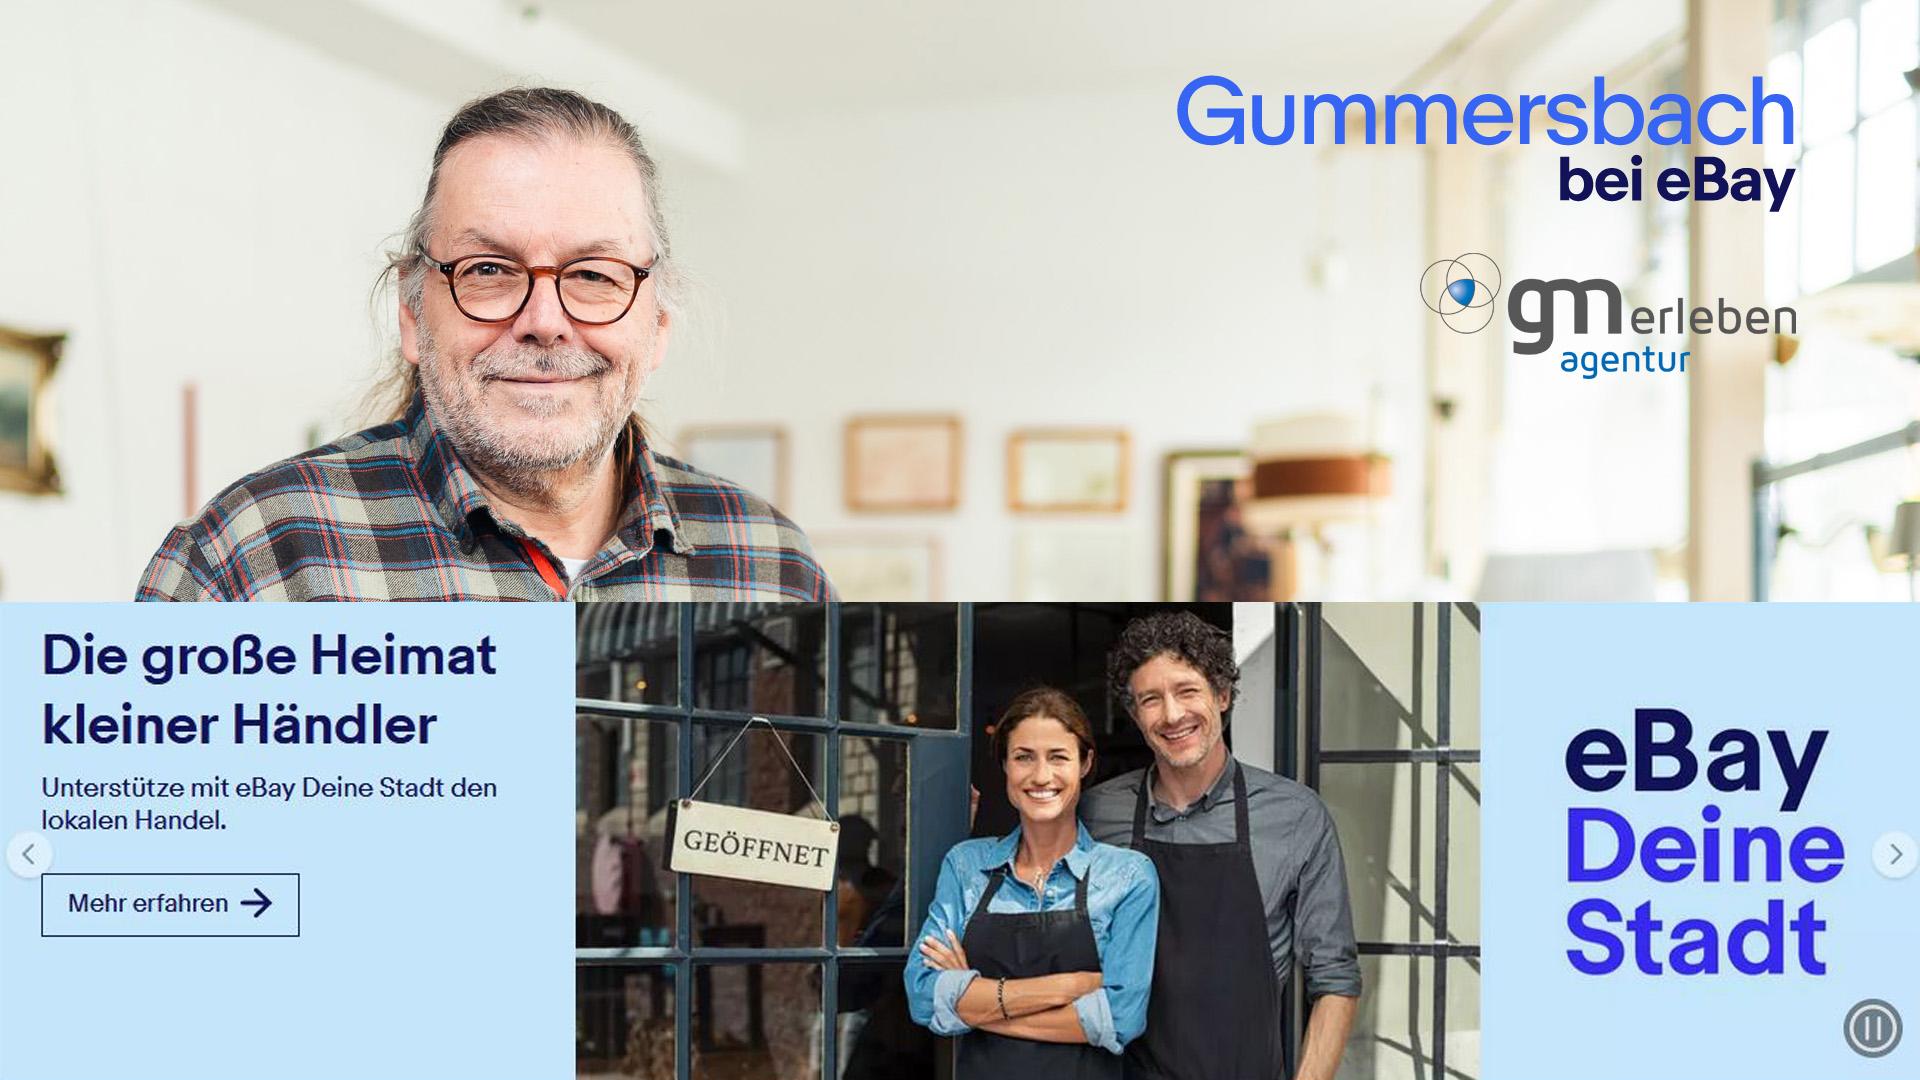 GMerleben agentur | eBay - Deine Stadt / Gummersbach